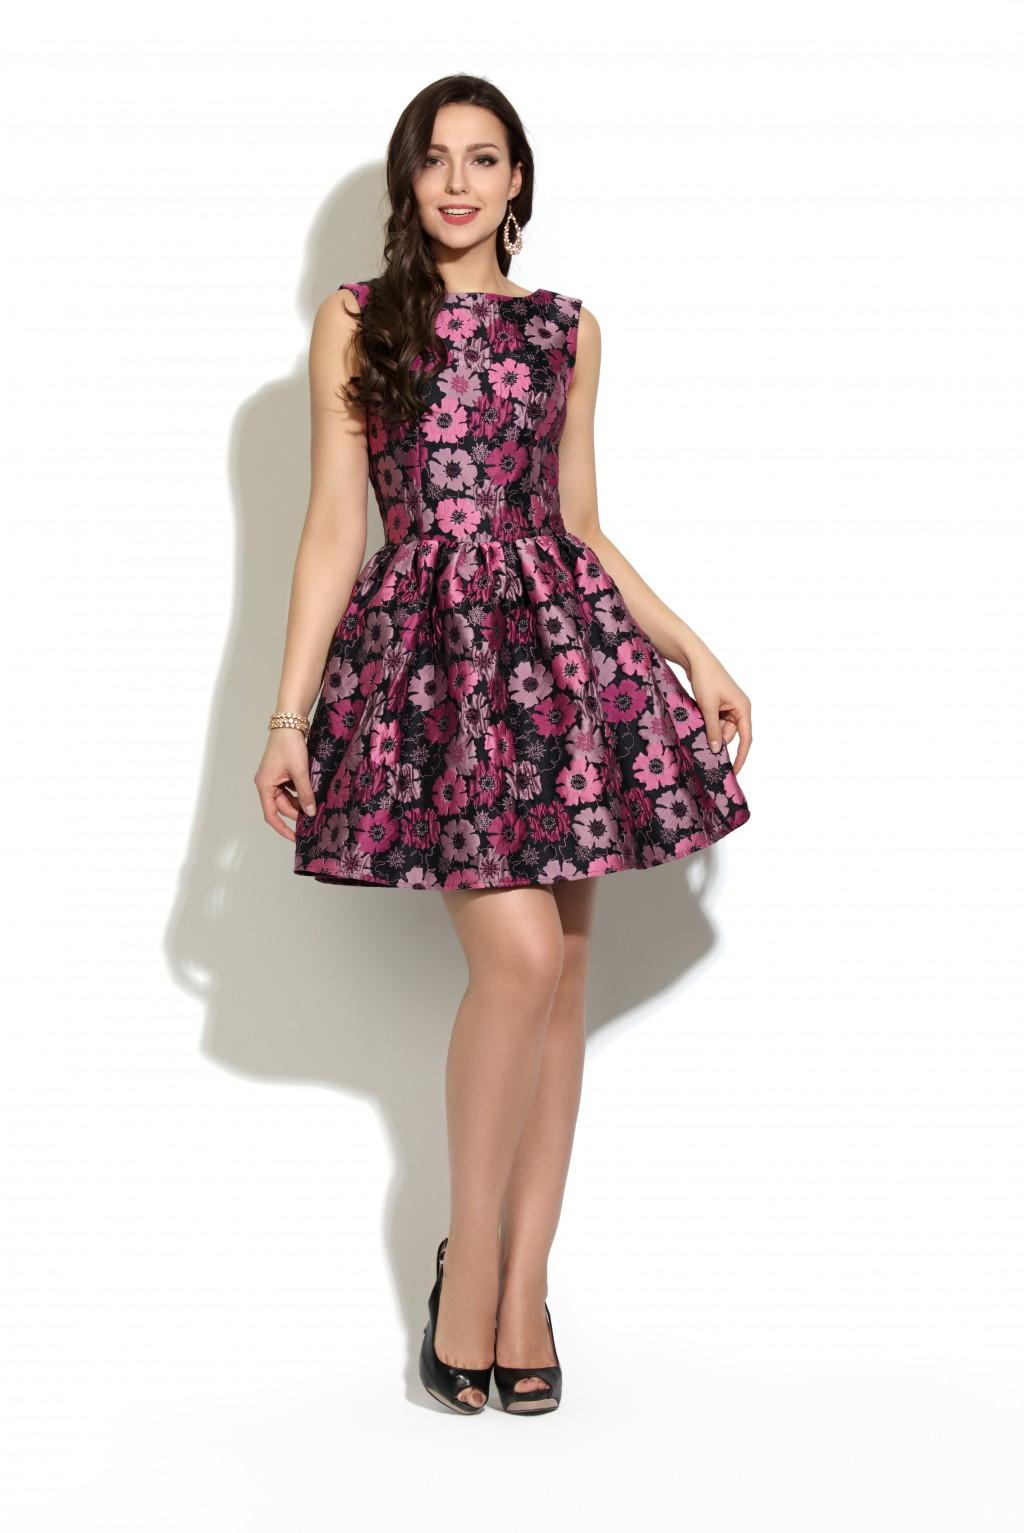 Сбор заказов. Donna Saggia - 59. Одежда для изящных модниц. Огромный выбор стильных платьев, юбок, блузок! Потрясающая